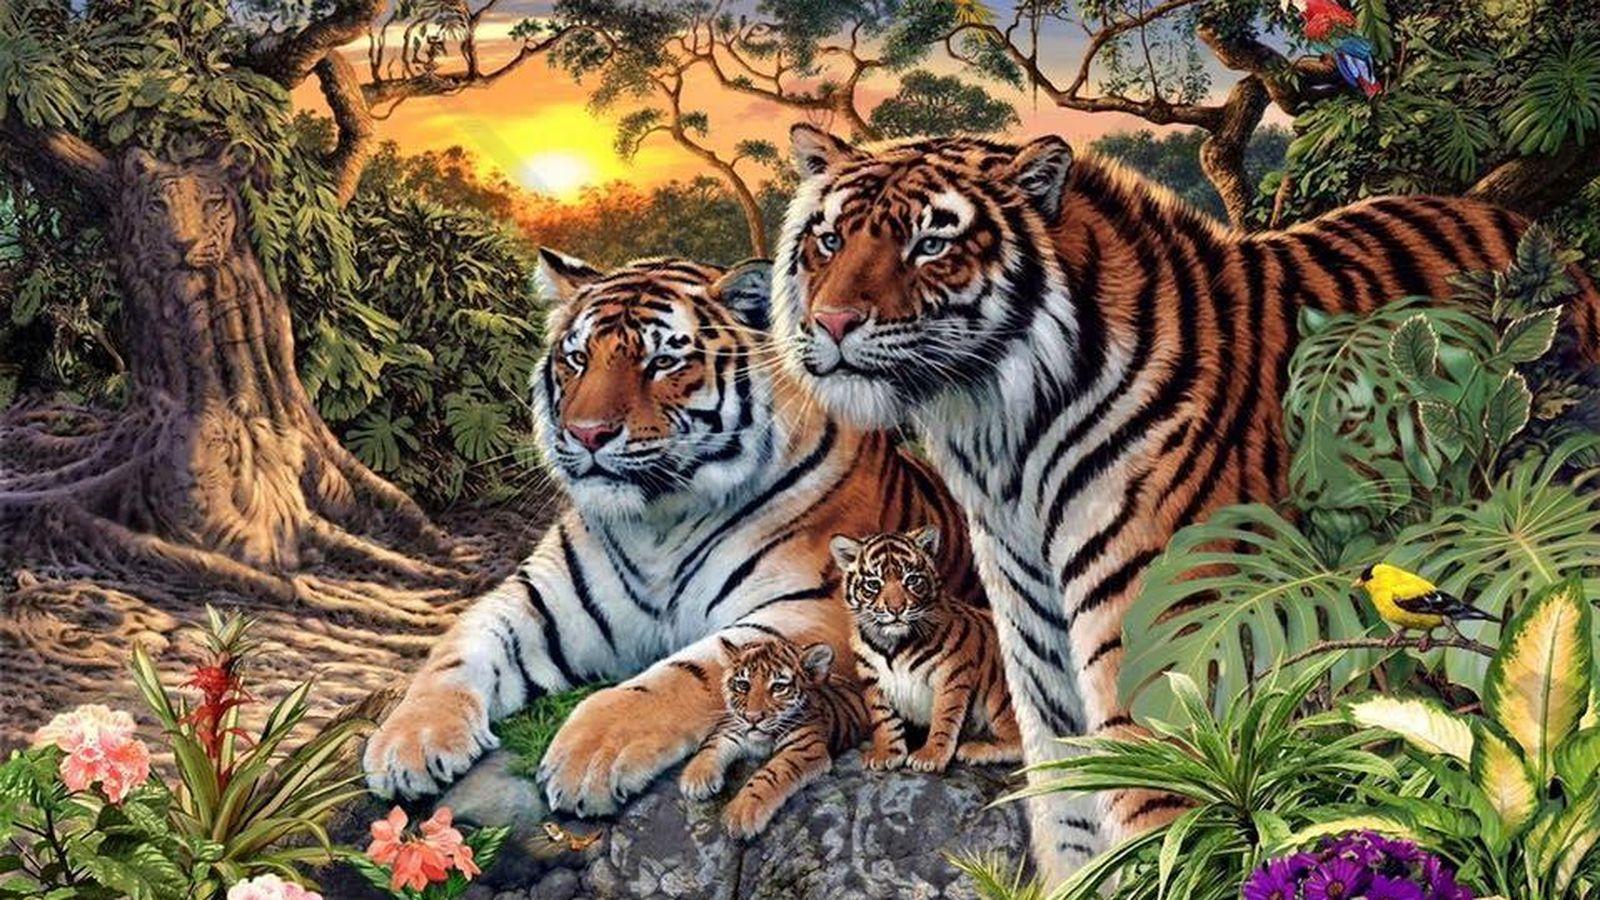 Juegos Cuántos Tigres Ve En La Imagen Juegue A Localizar Los